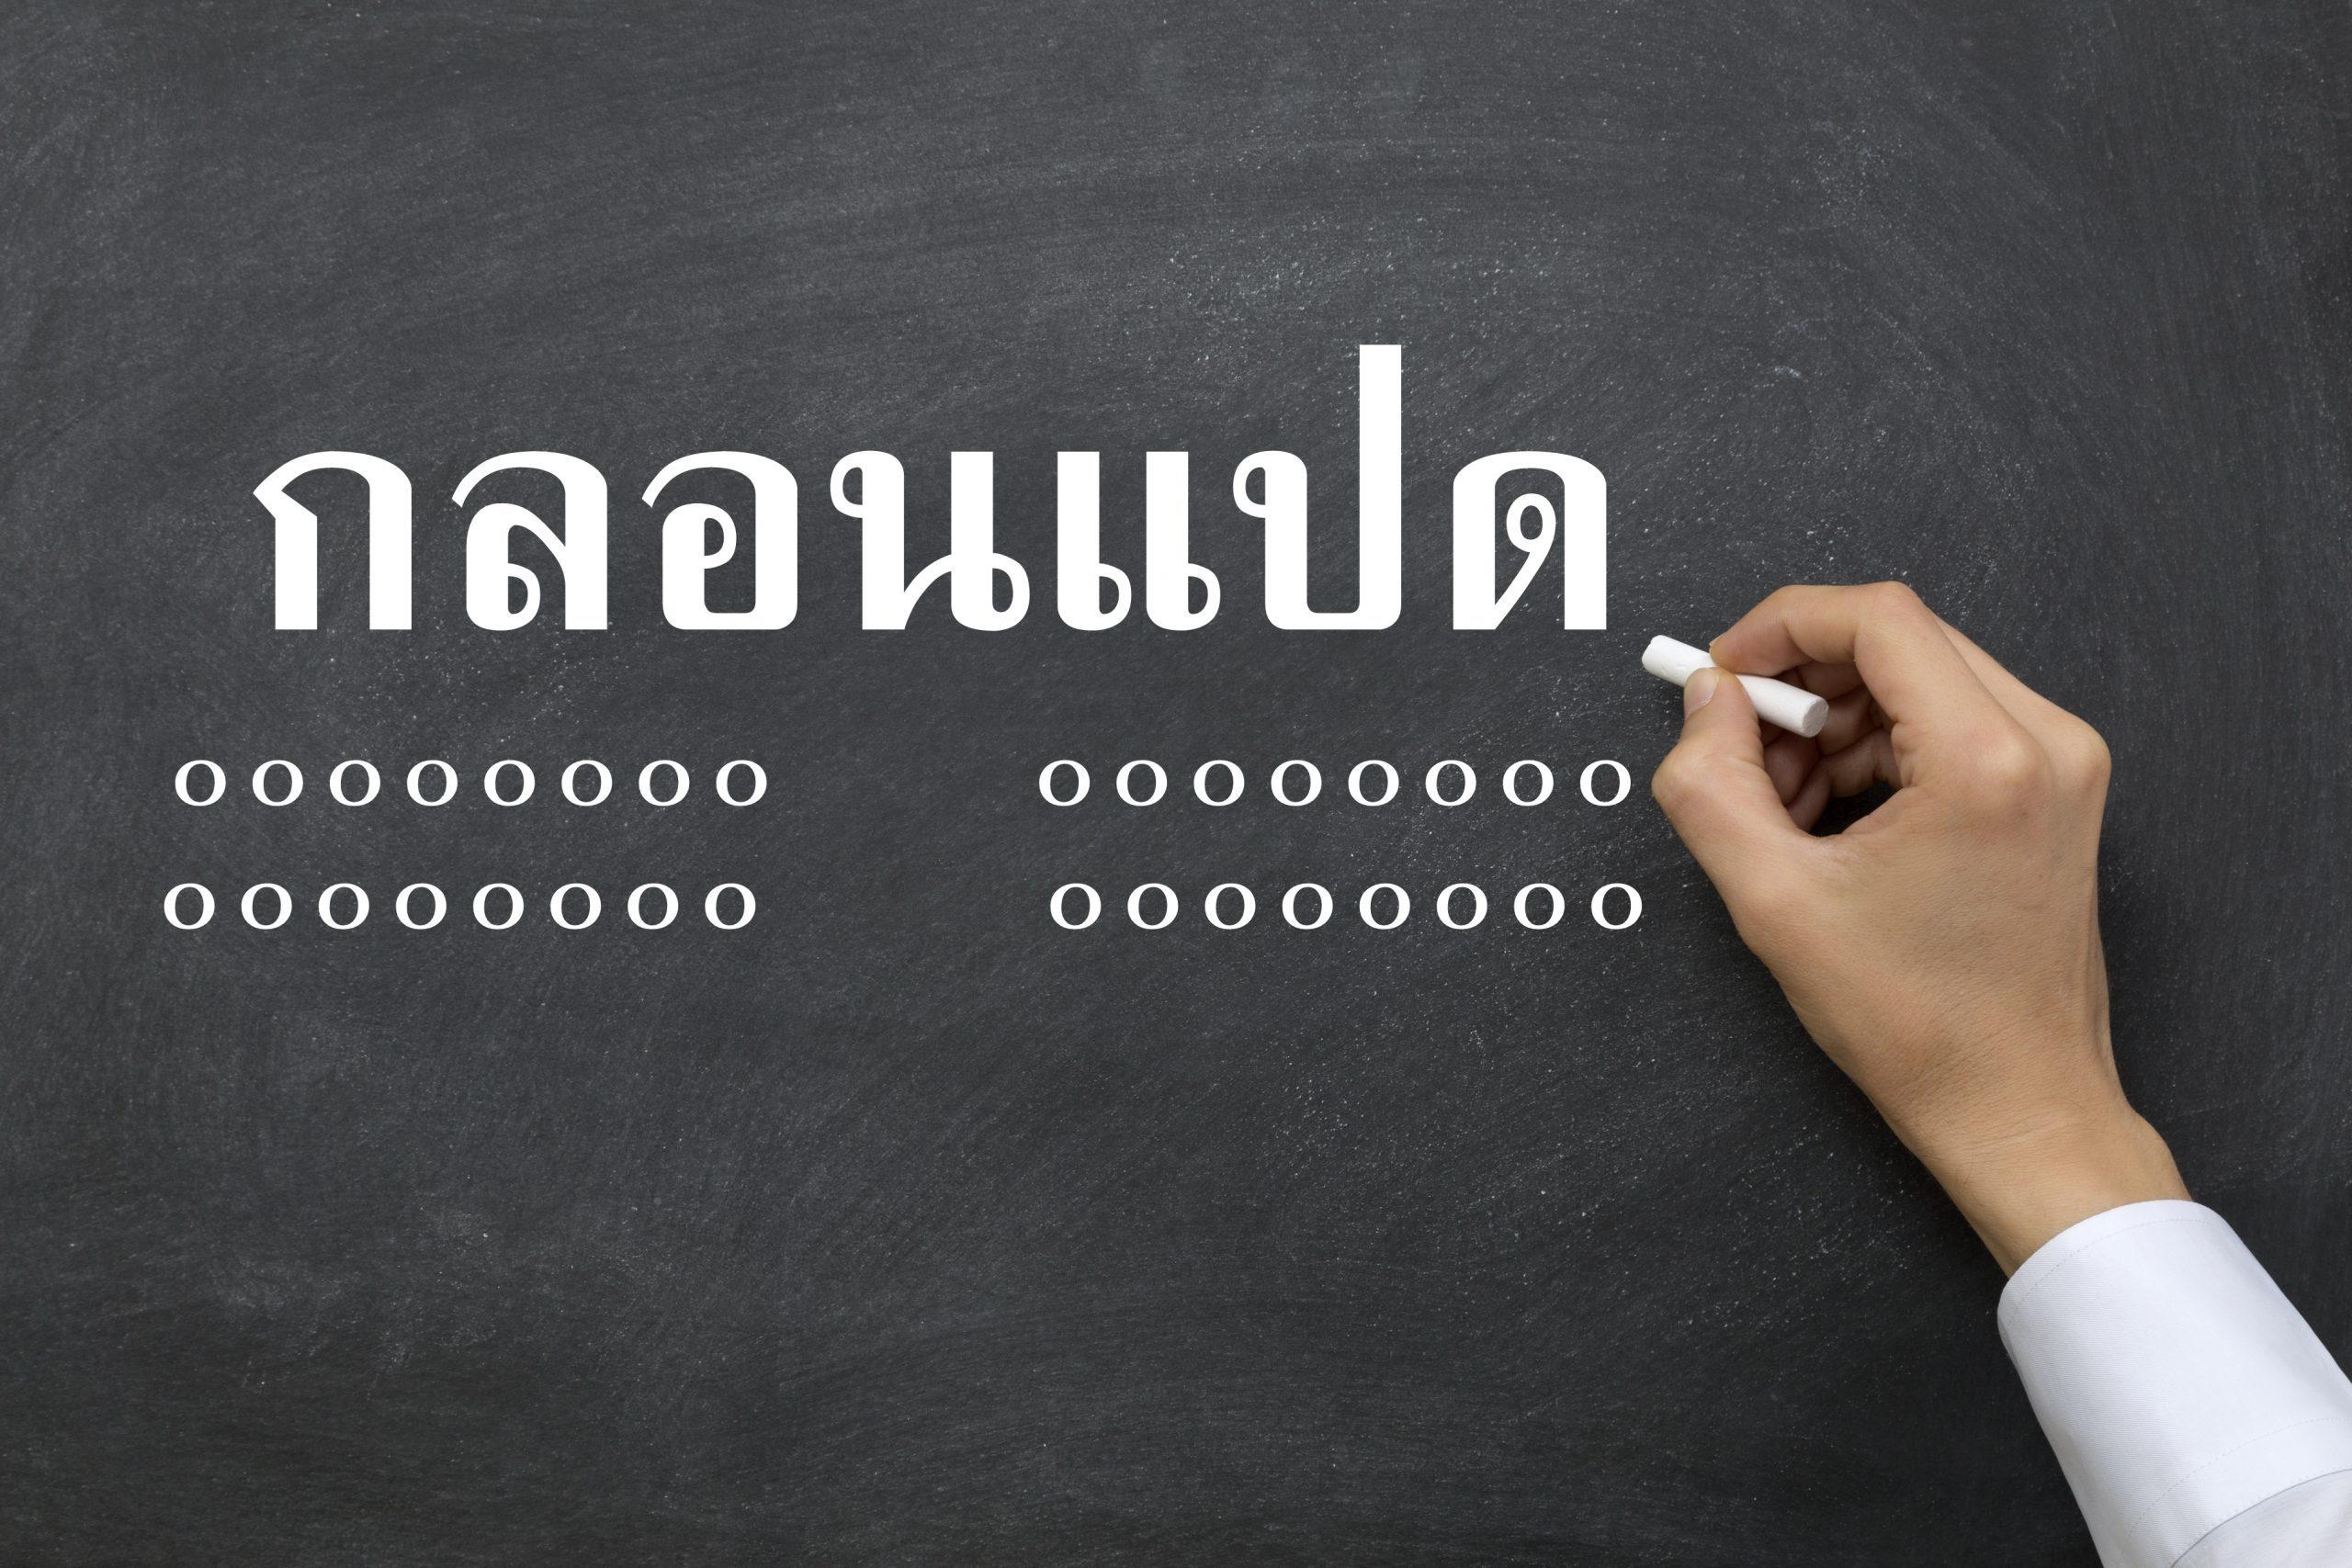 กลอนแปด คืออะไร? ลักษณะแผนผังกลอนแปด ที่ควรรู้